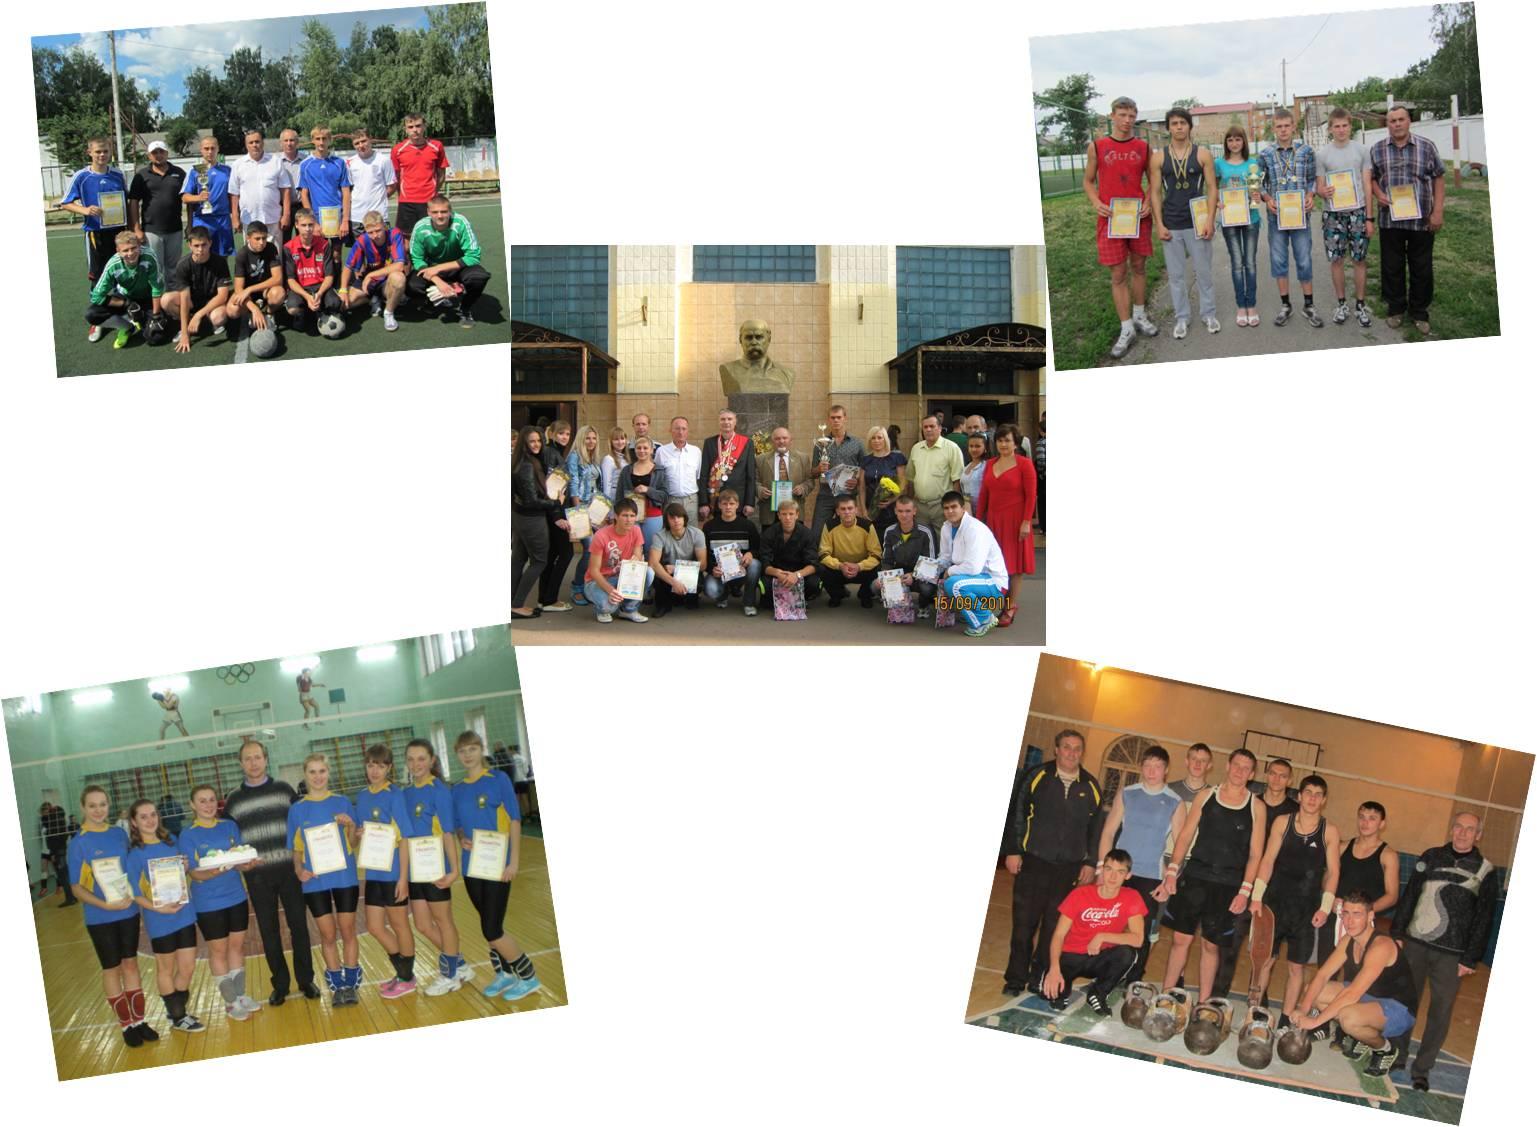 http://agrokoledg.at.ua/Img/sport.jpg